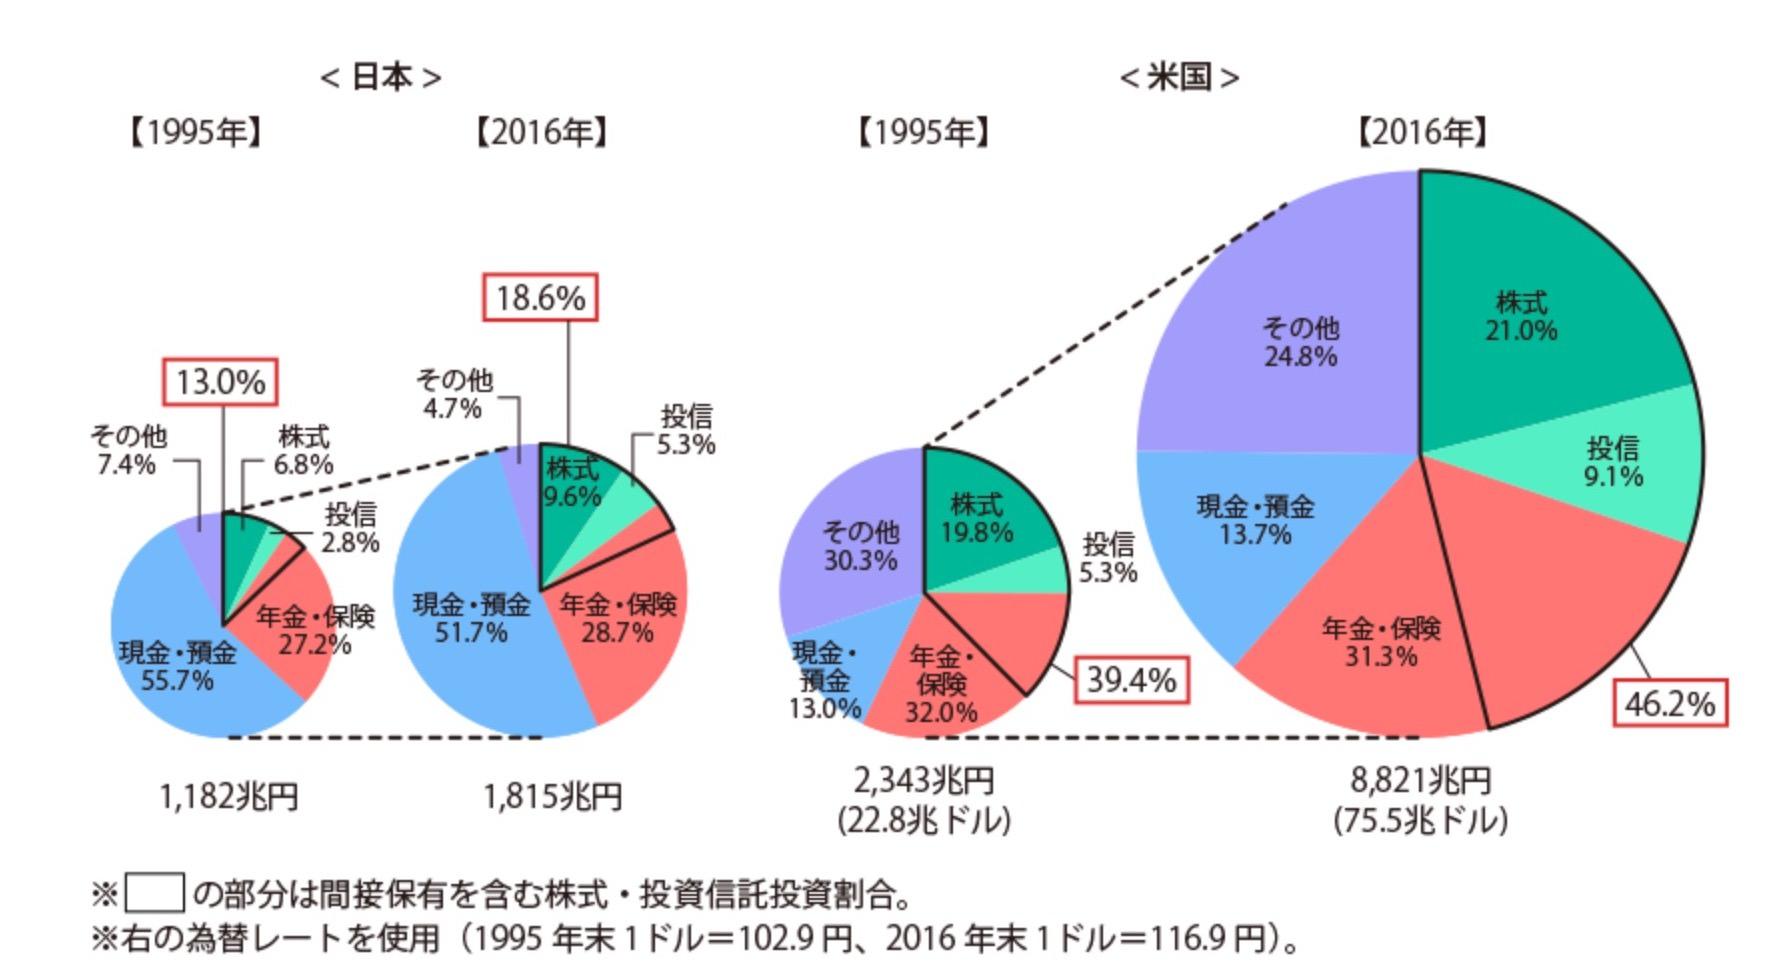 日本とアメリカの保有資産割合